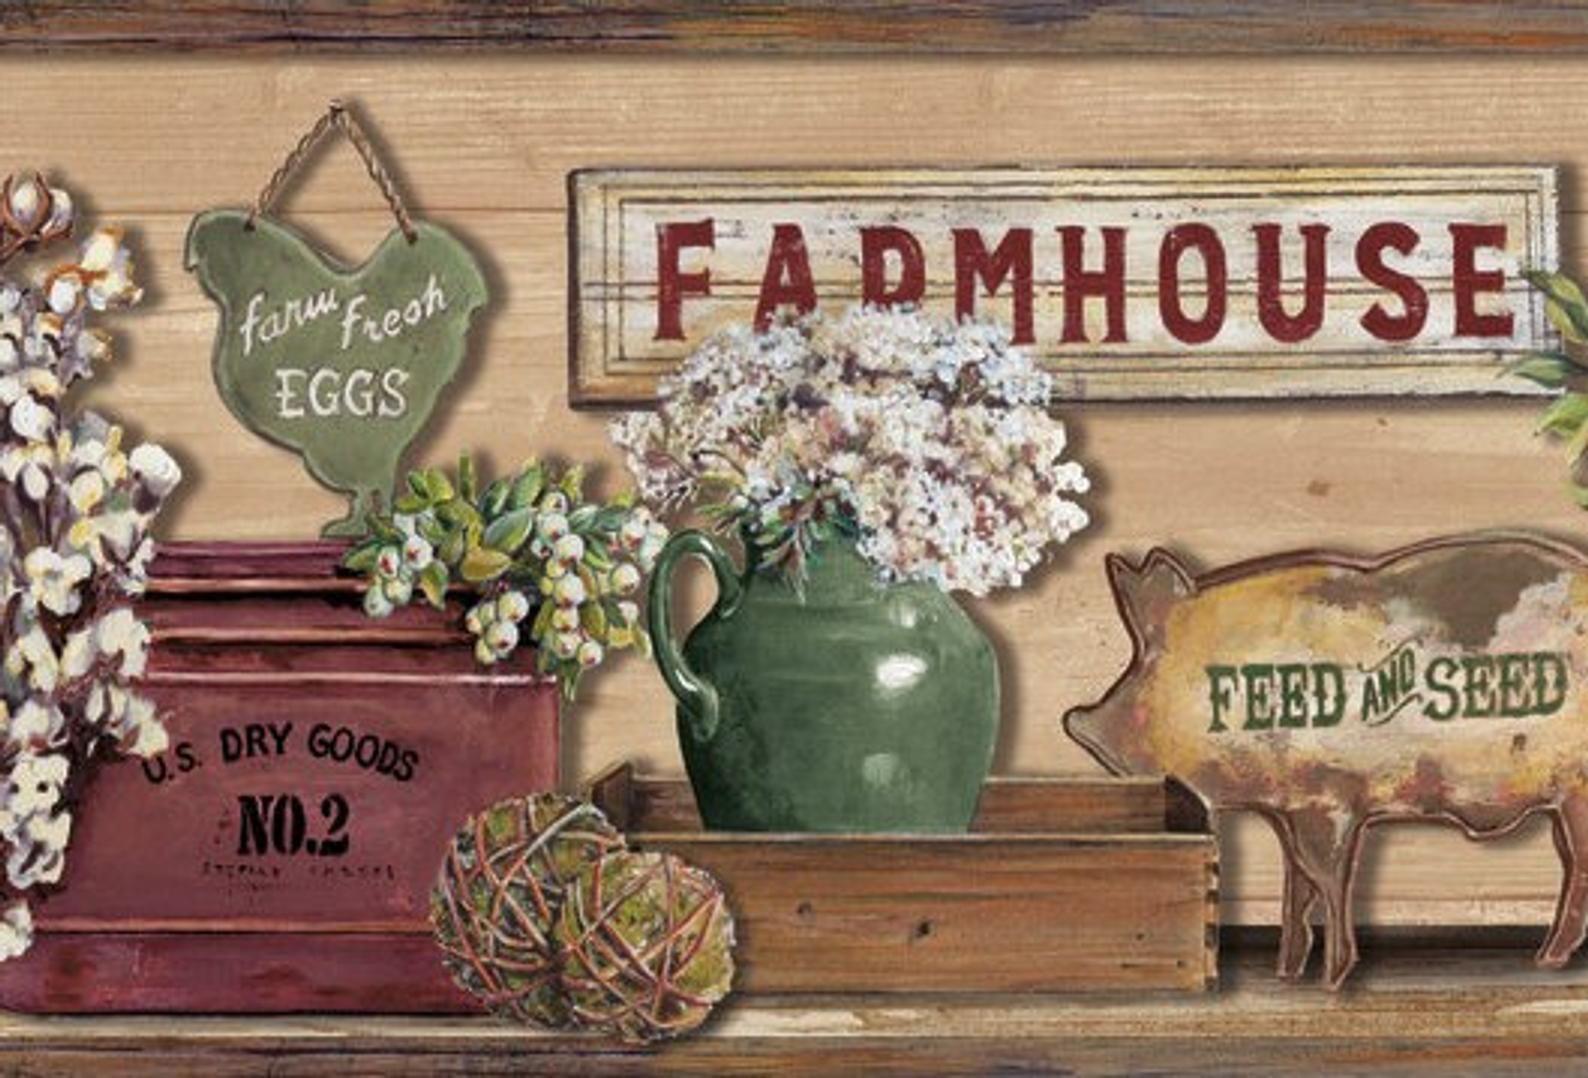 Farmhouse Shelf Brown Wallpaper Border Lg1301bd Etsy Rustic Wallpaper Wallpaper Border Farmhouse Shelves